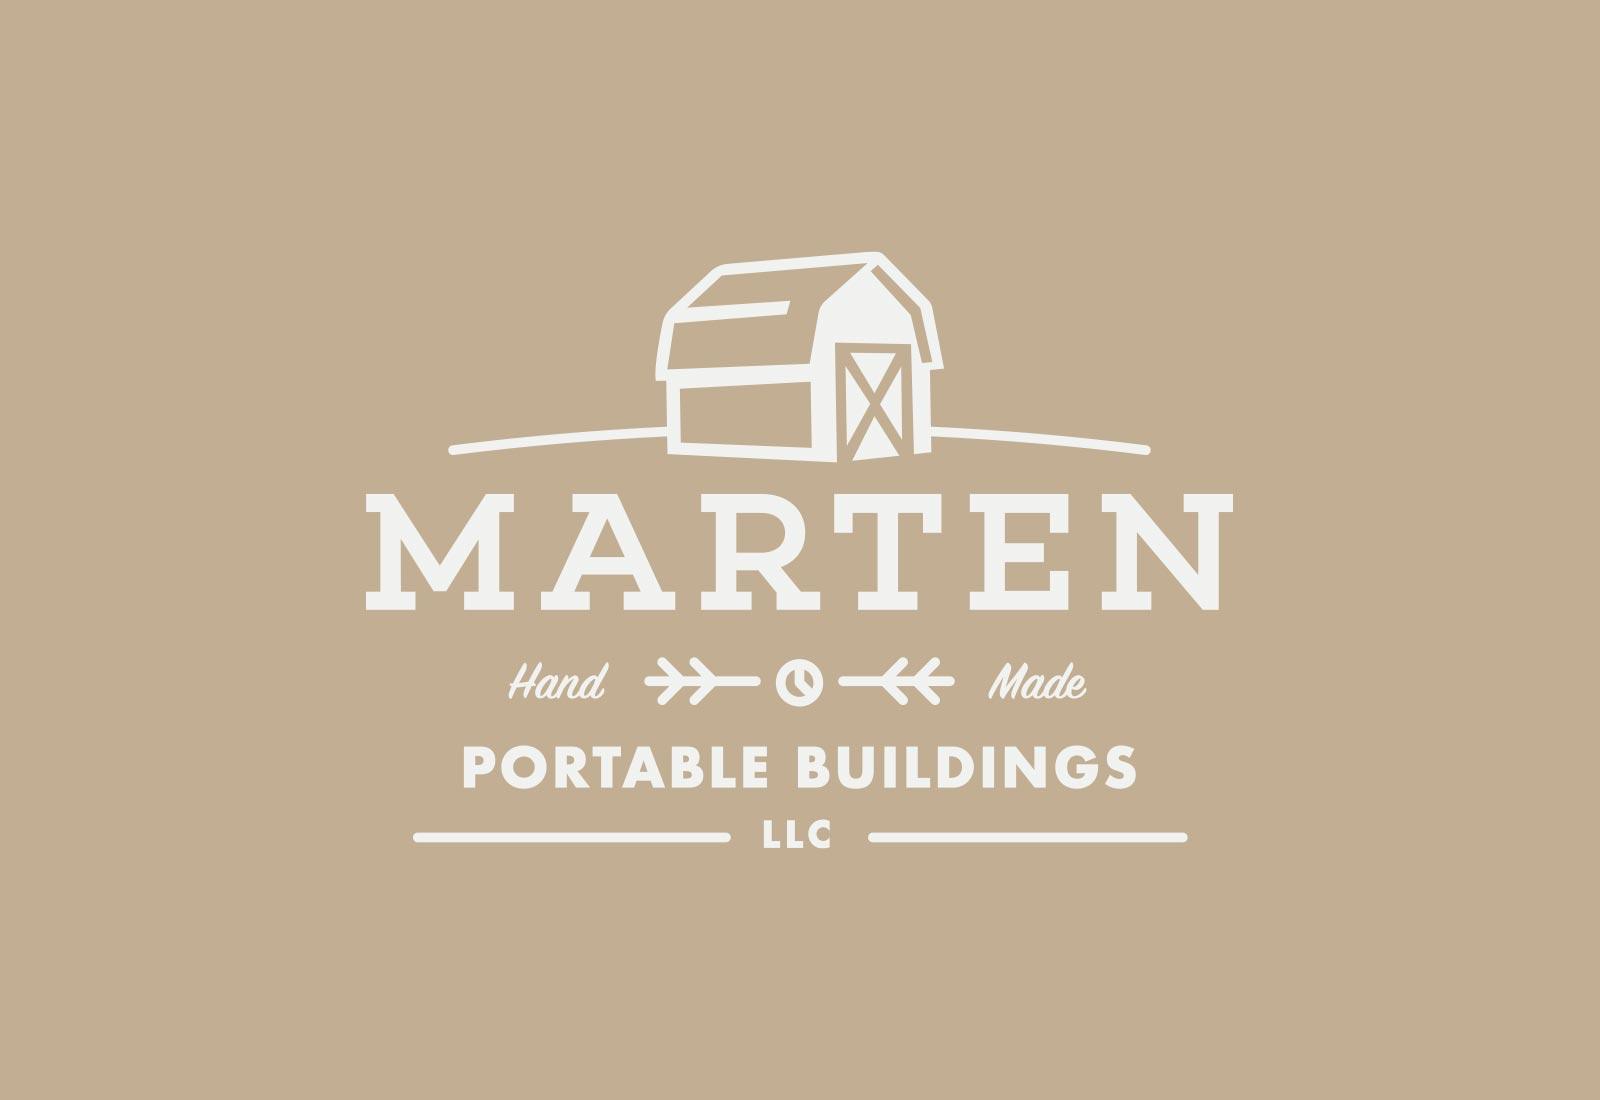 Marten Portable Buildings Logo View 2